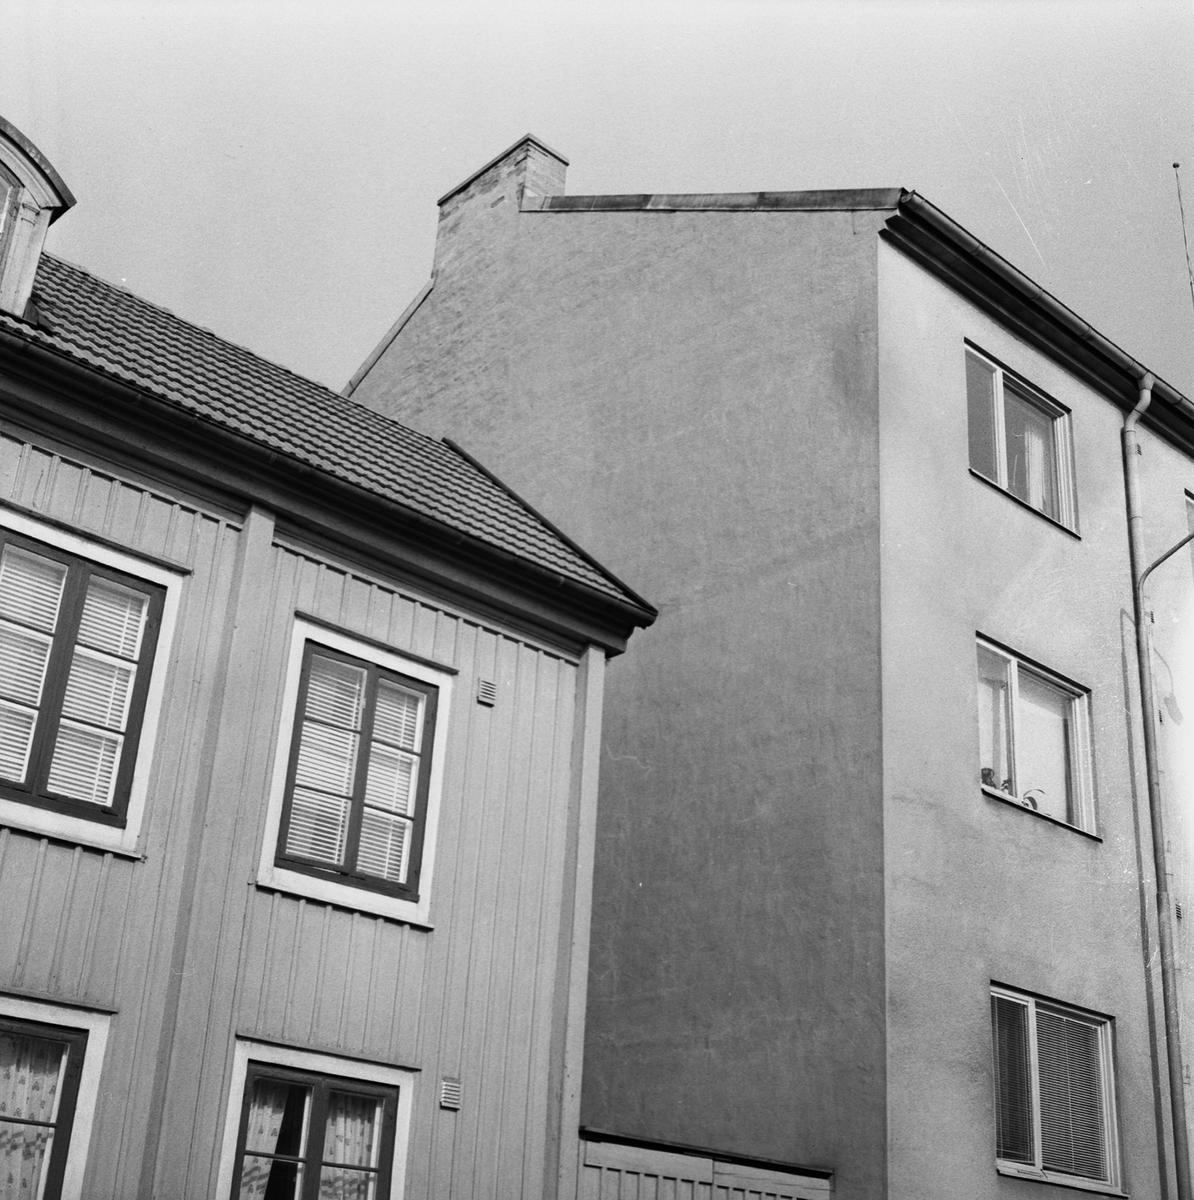 Övrigt: Fotodatum:1/2 1961. Byggnader och Kranar. Varvsgatan 26. Bildnr:1